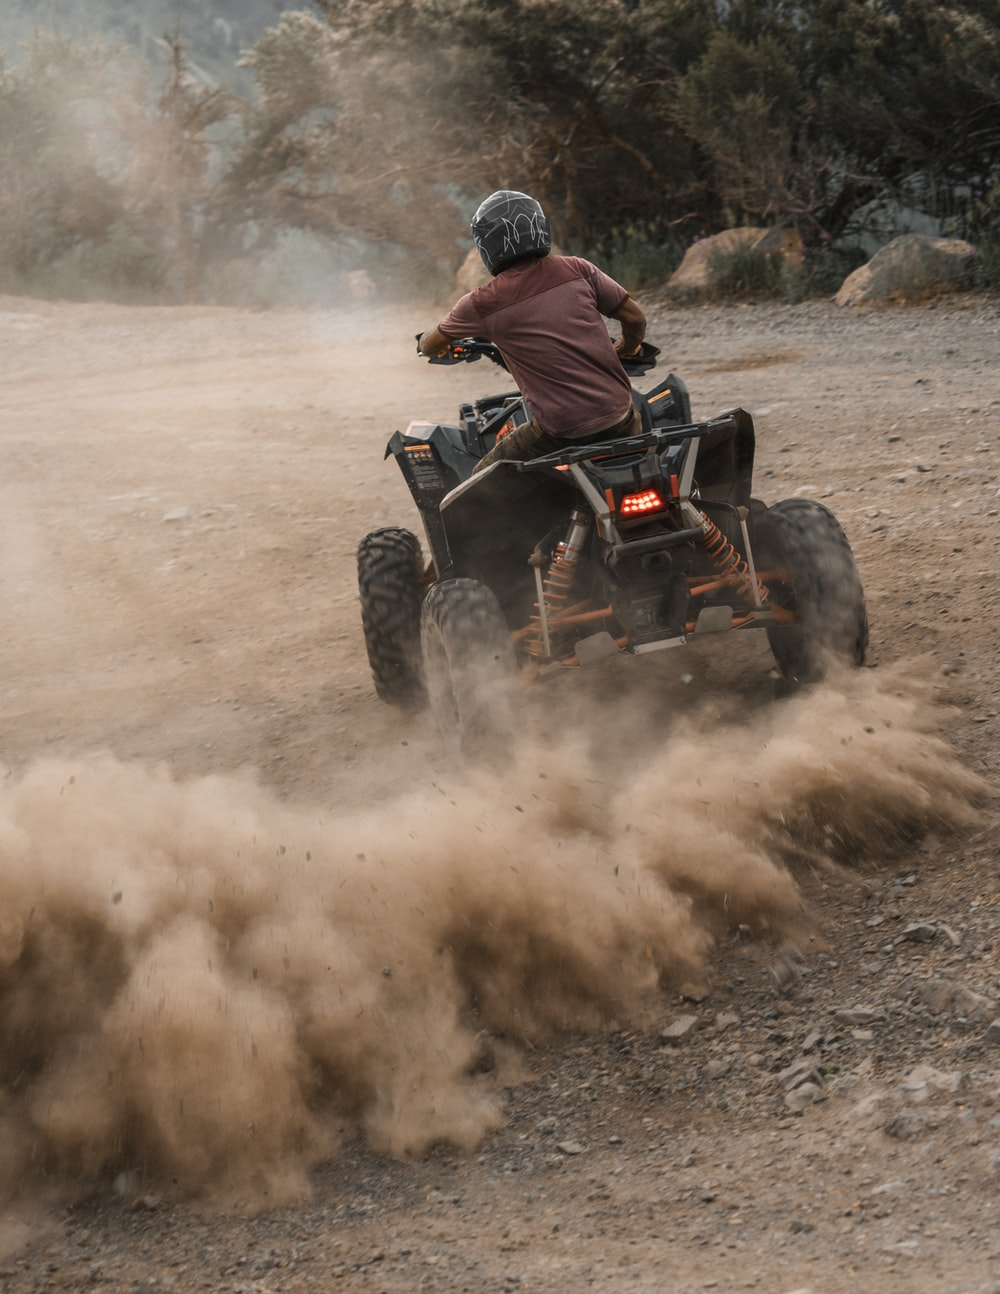 man riding atv on dirt road during daytime